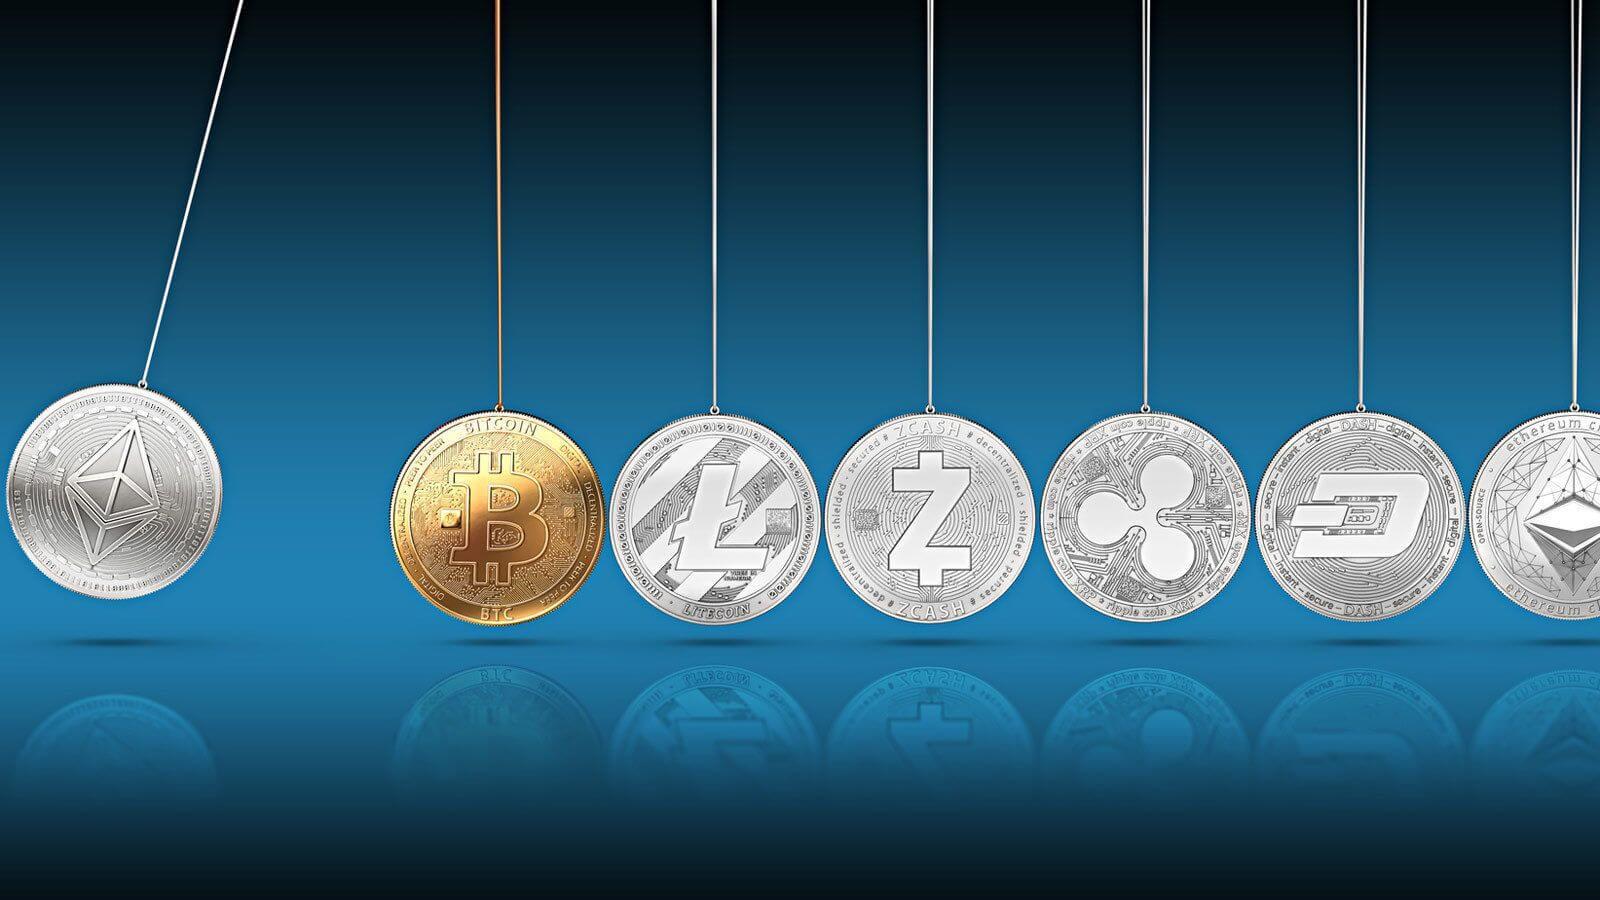 Top CryptoCurcy, um fur die Zukunft zu investieren